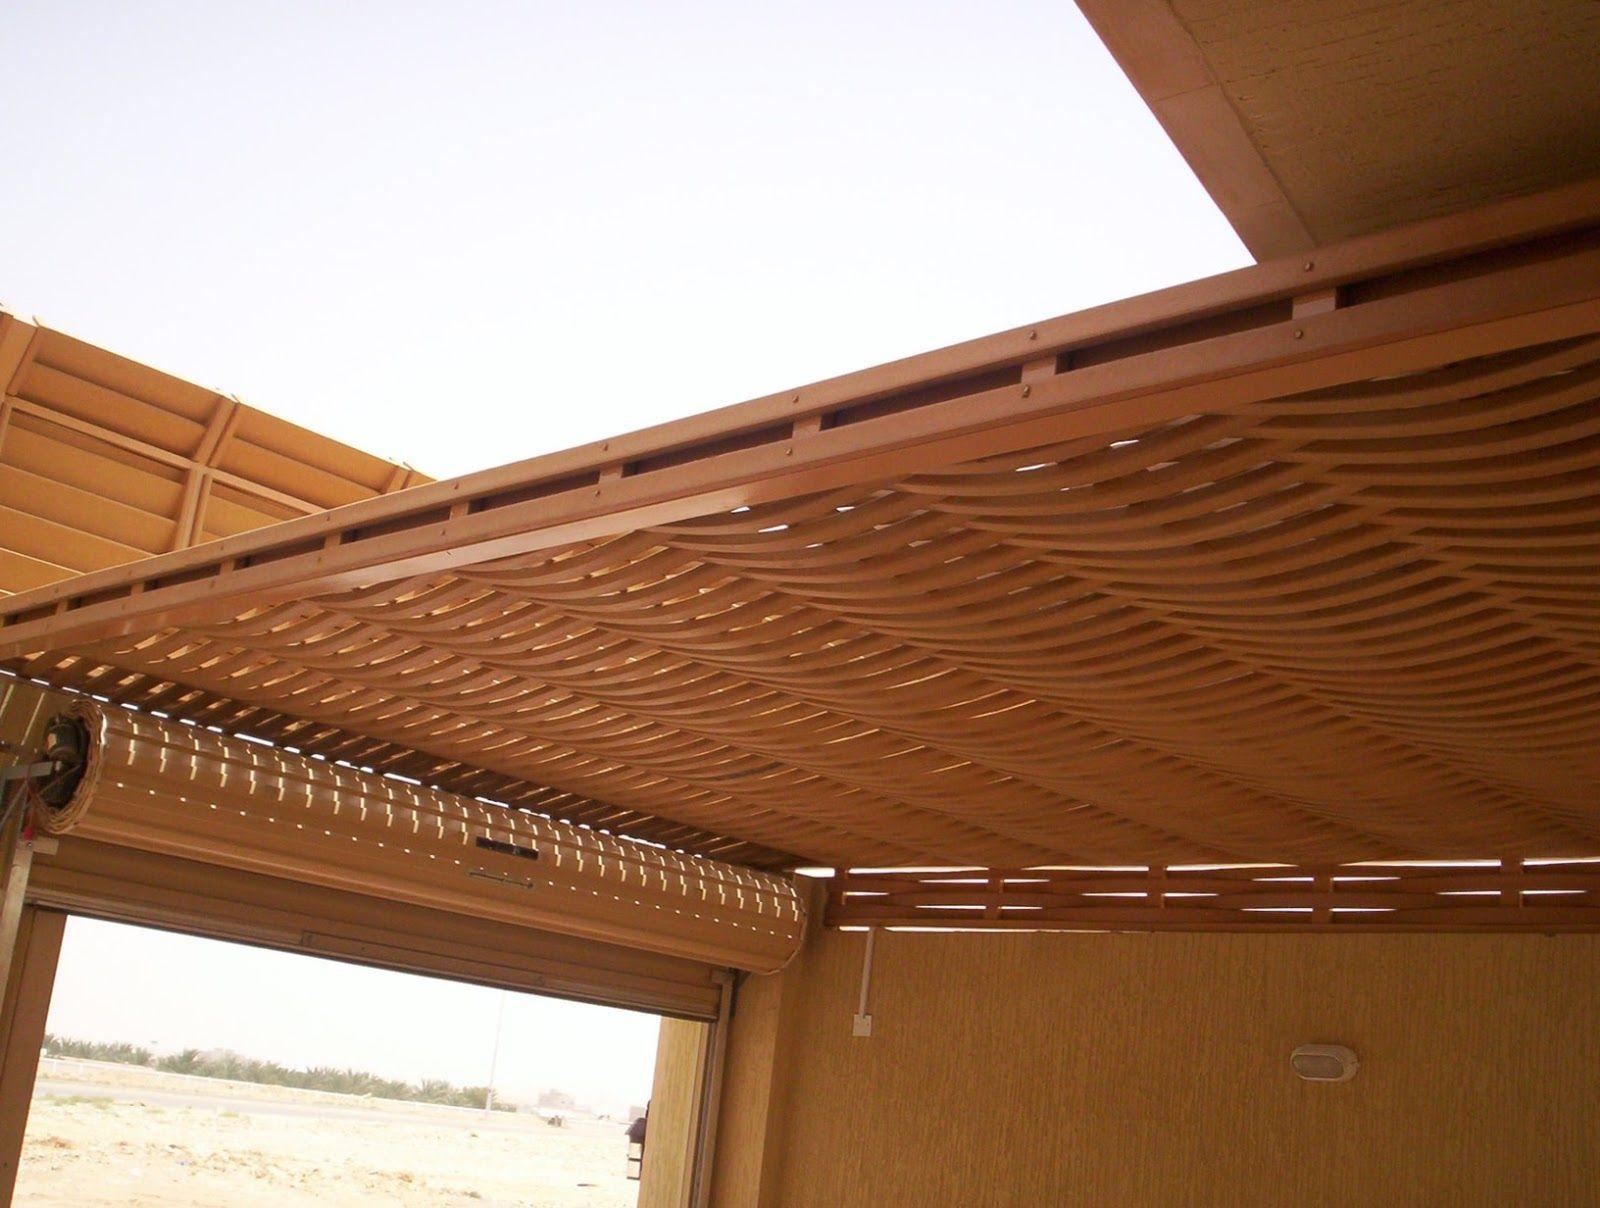 مظلات مداخل منازل اشكال مظلات منازل Outdoor Decor Home Decor Decor